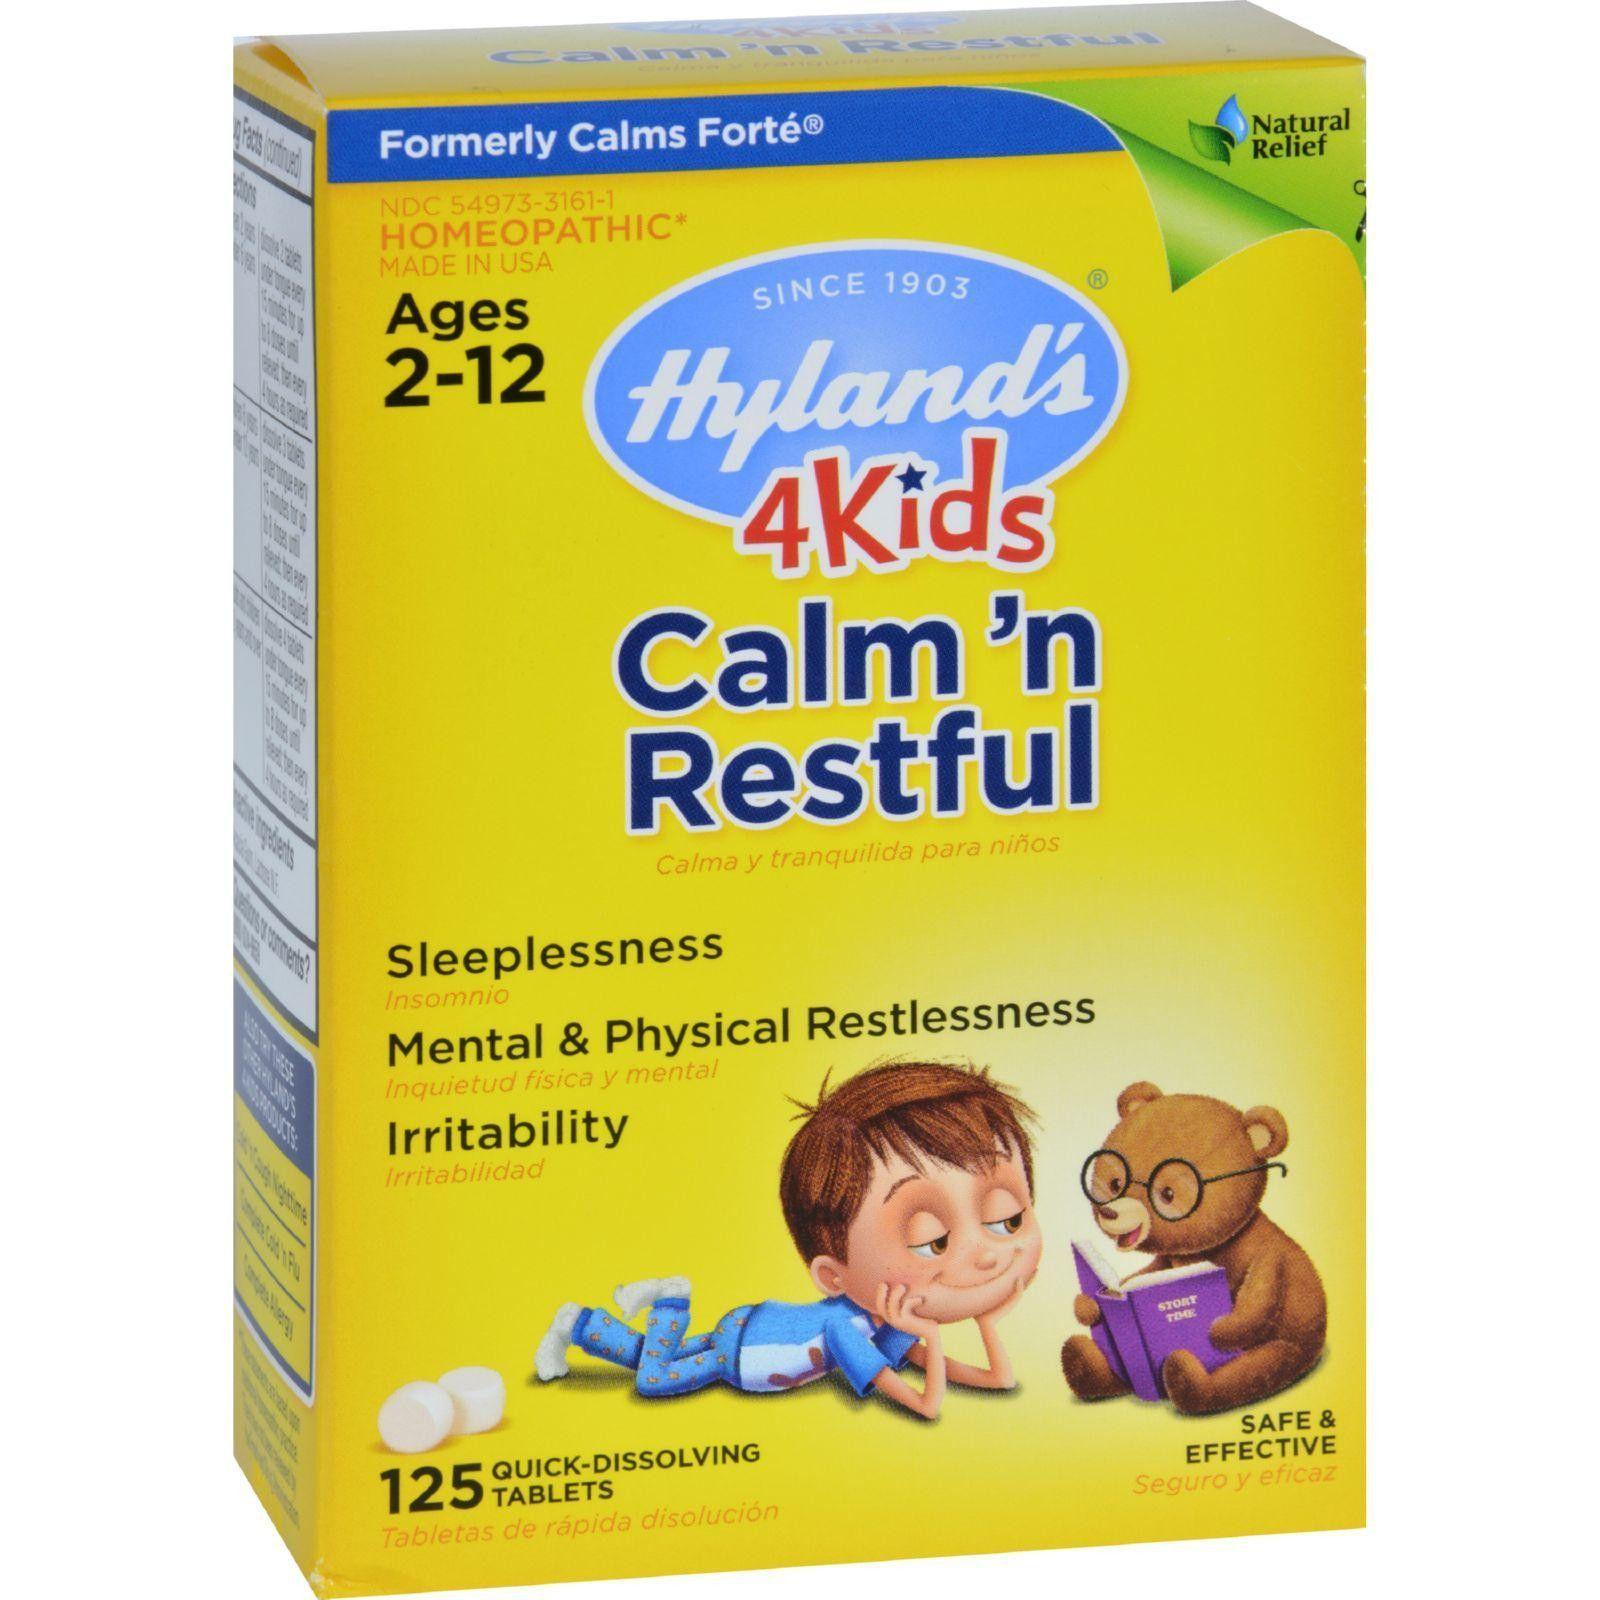 125 Tablets 4 Kids Hyland/'s Calms /'n Restful